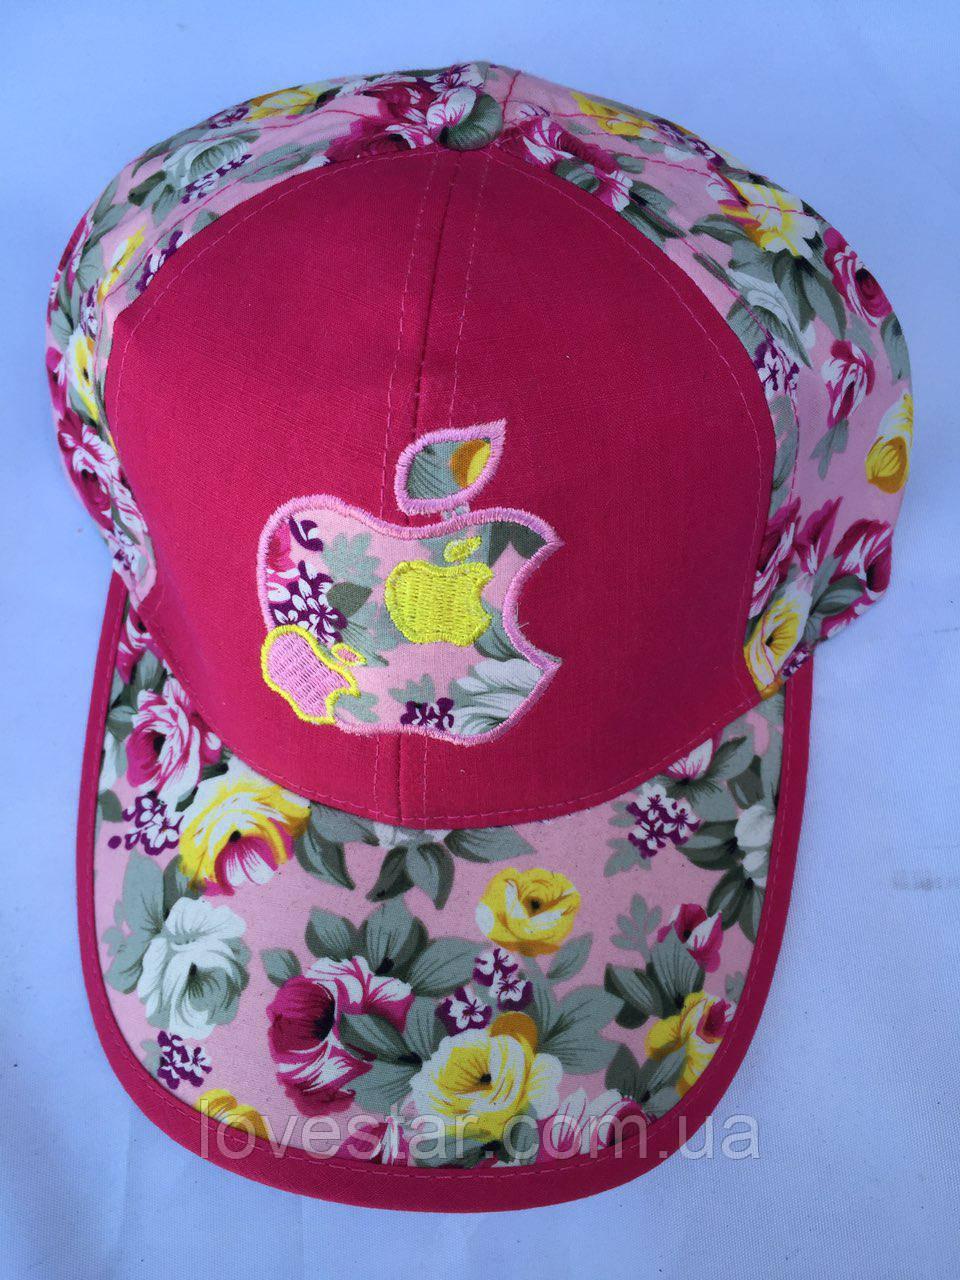 Женская кепка 56-58